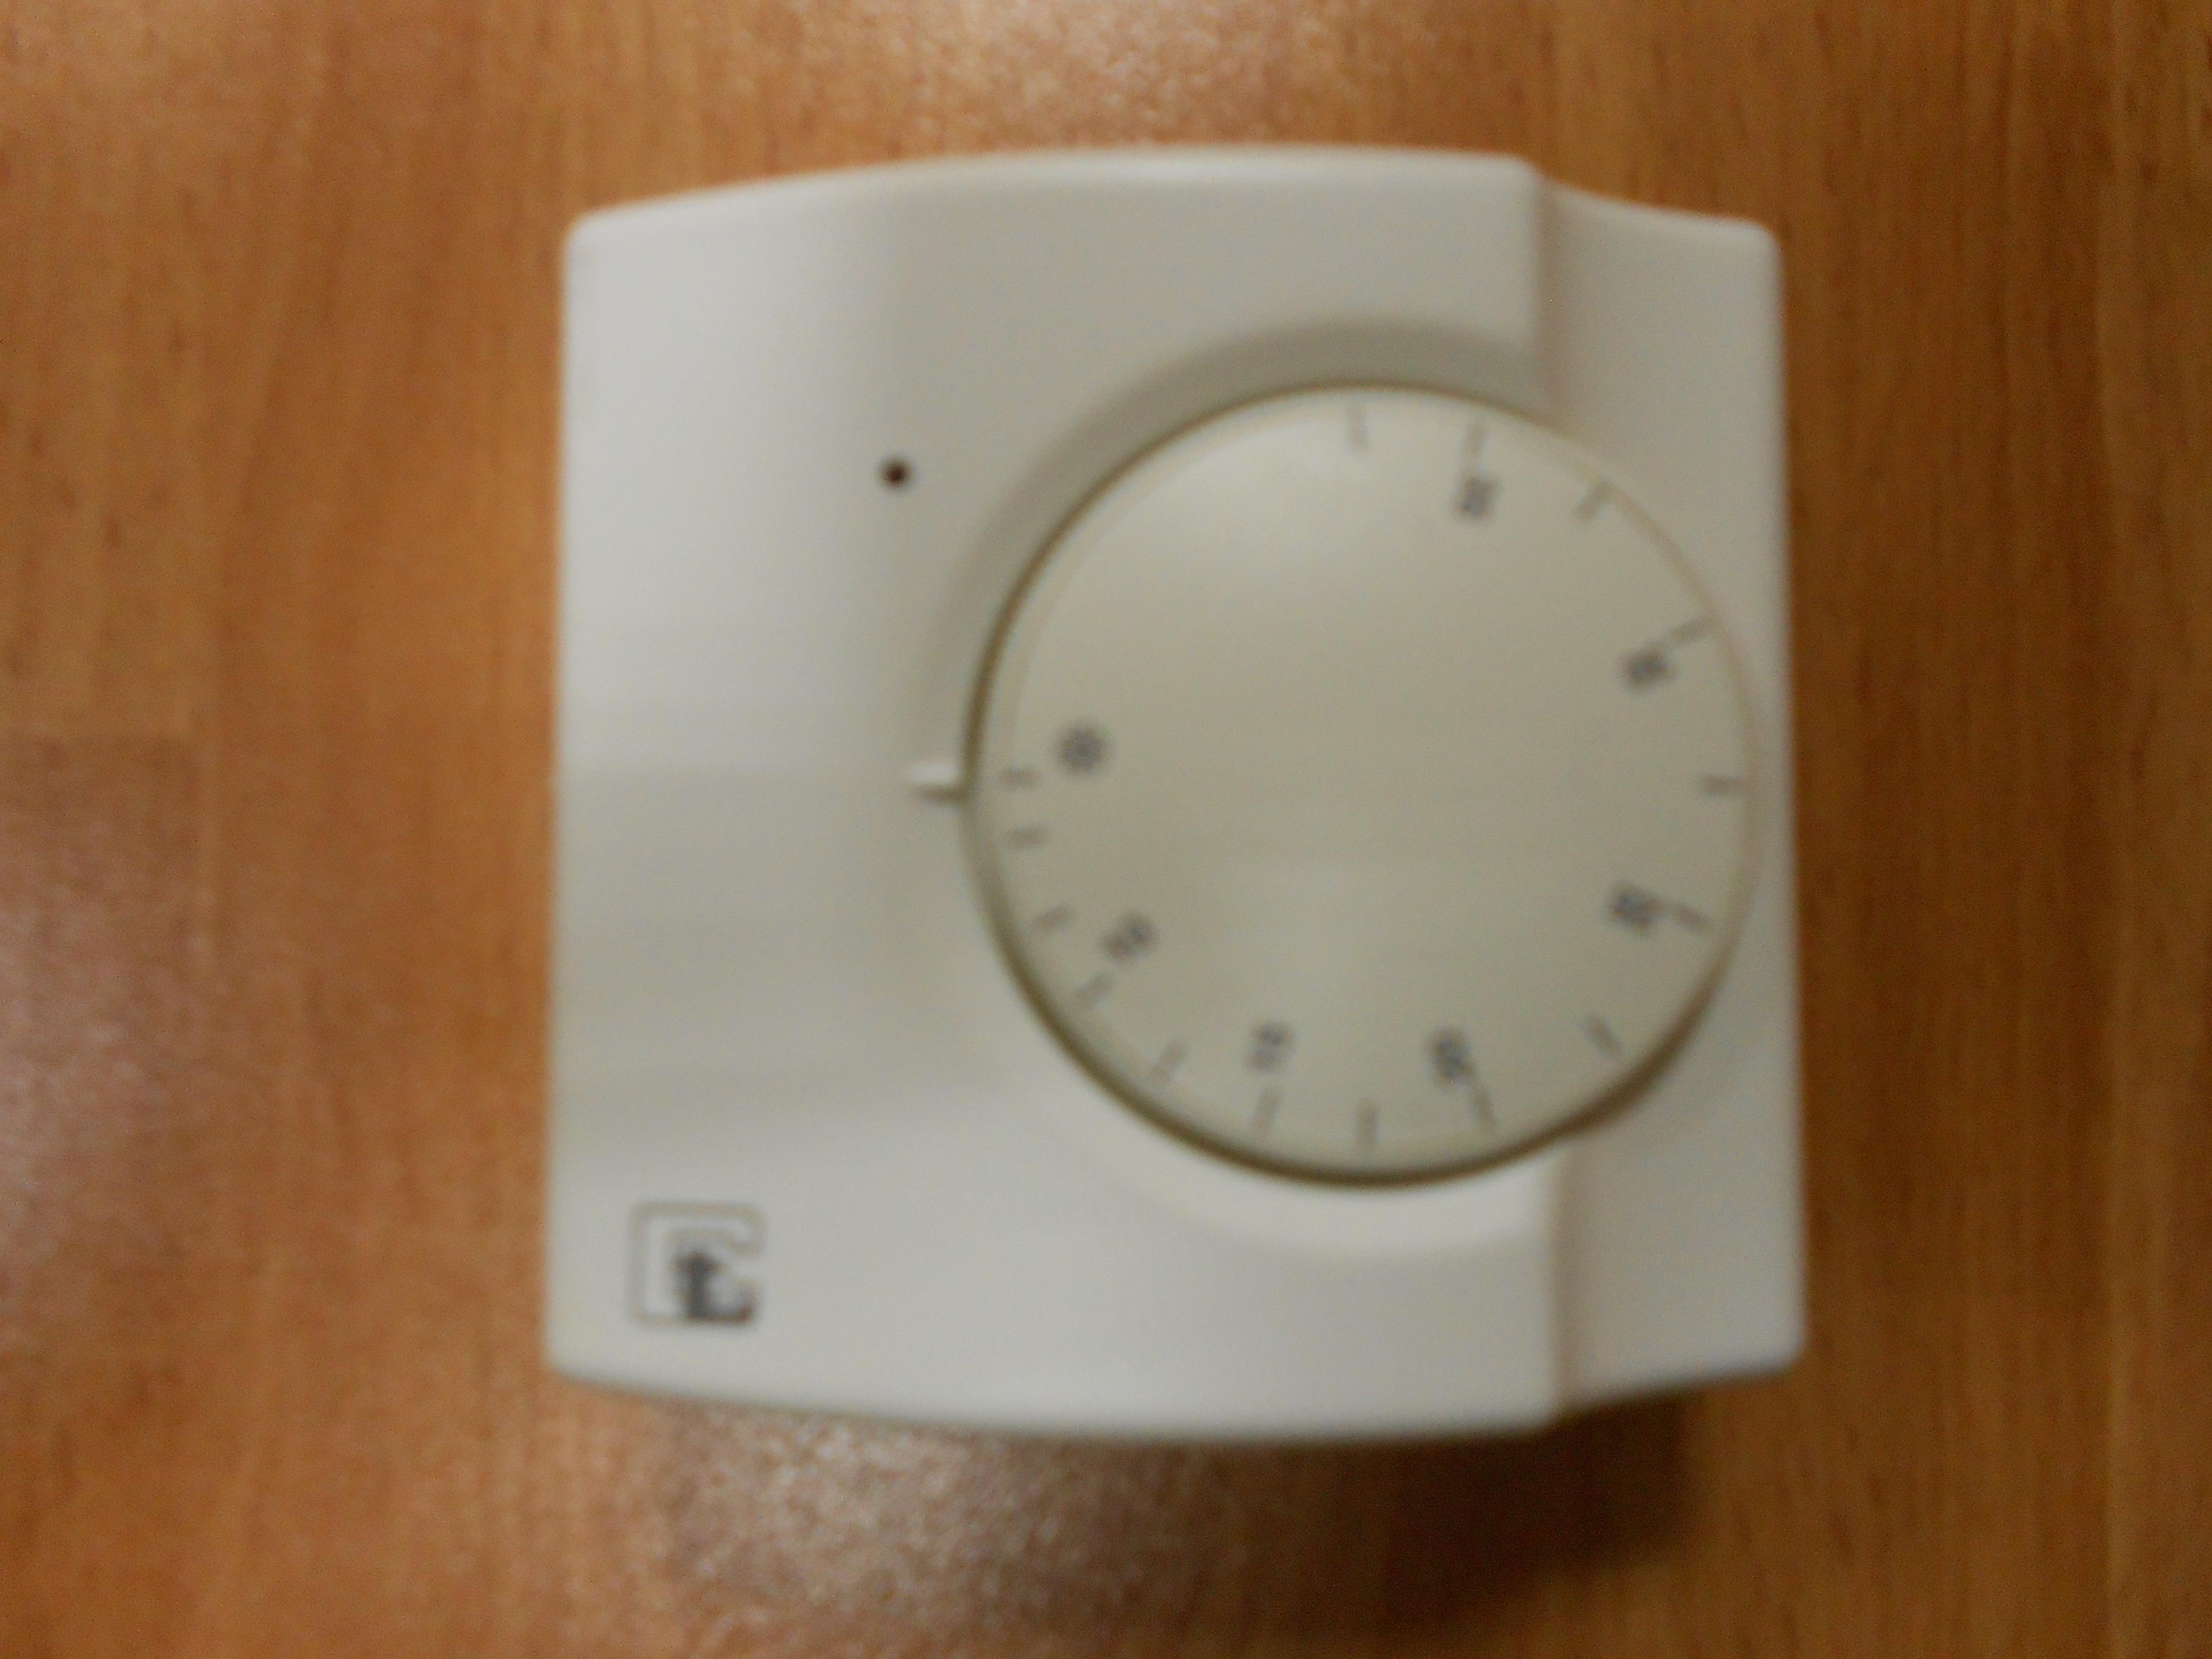 Termostato de ambiente ty92 a1 de campini corel electroav - Termostato de ambiente ...